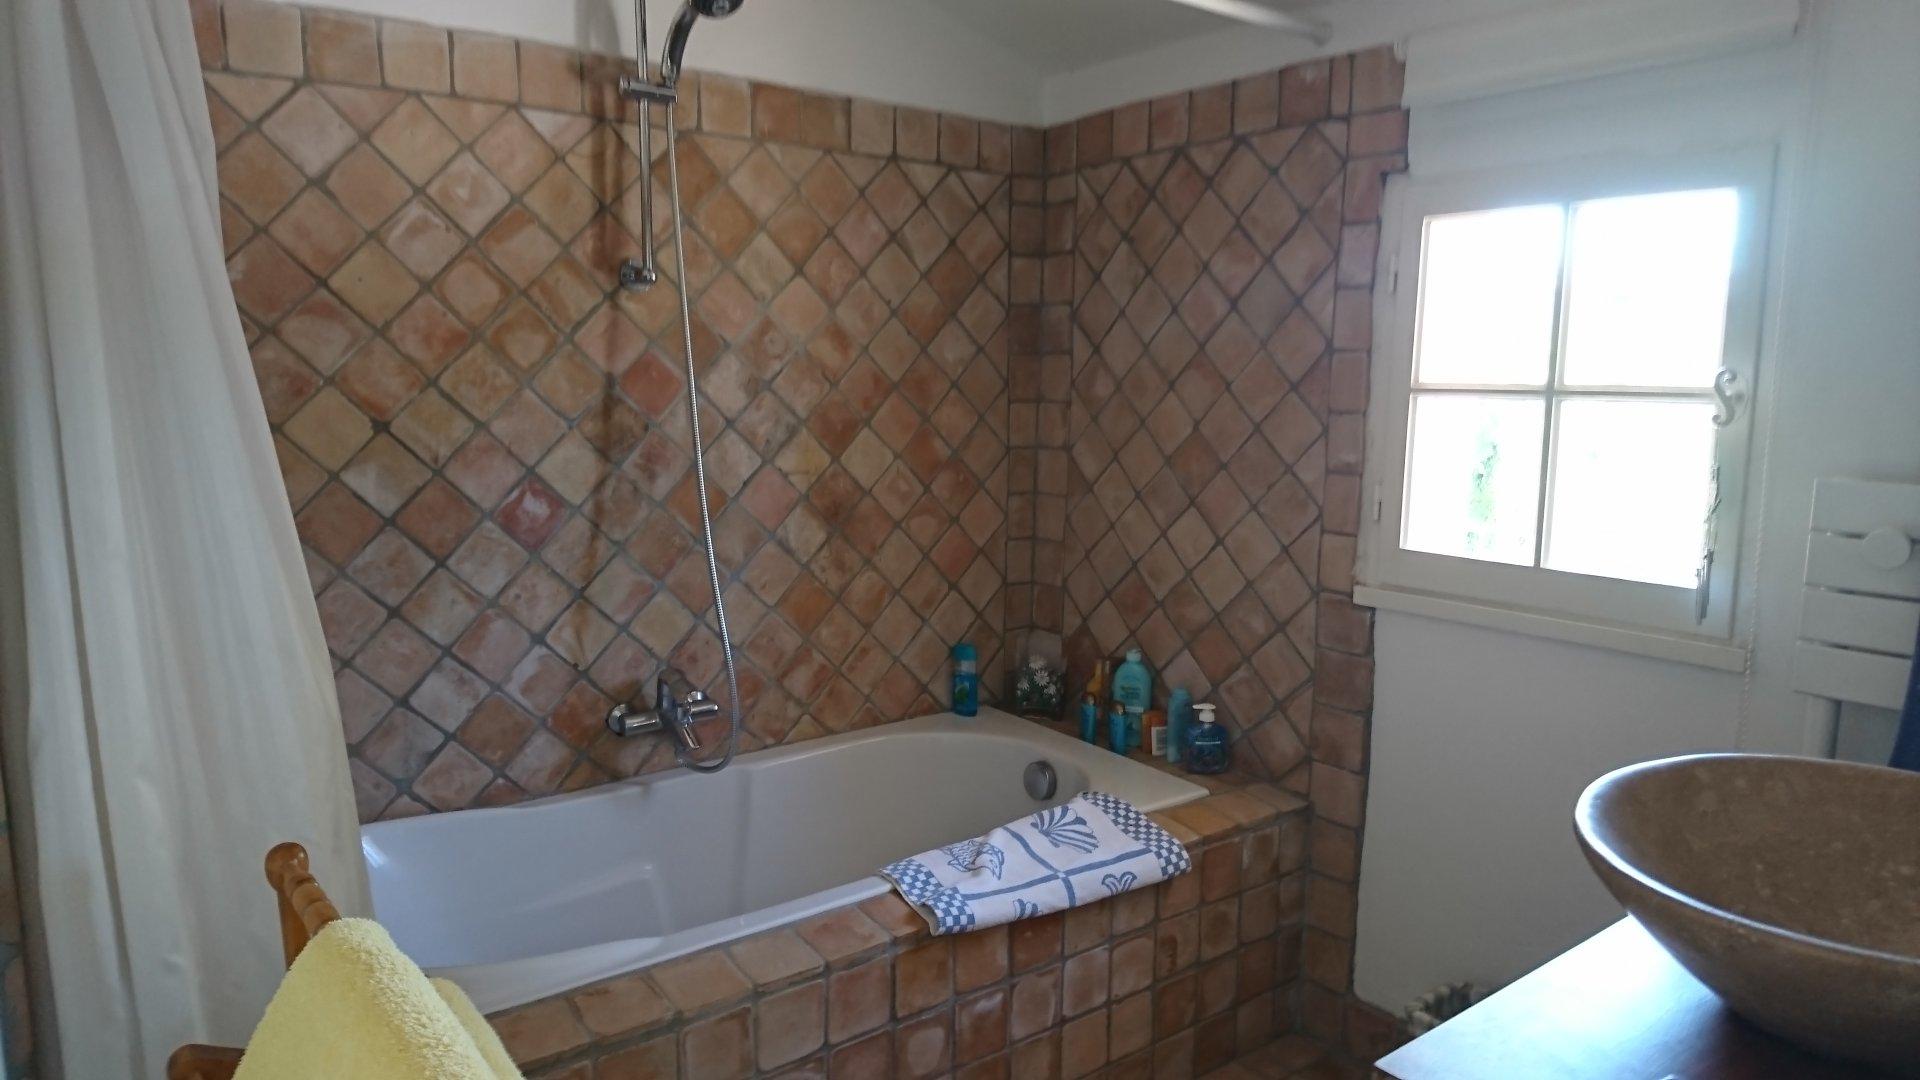 VILLECROZE, maison de charme de 174 m² située sur 3687 m² avec piscine